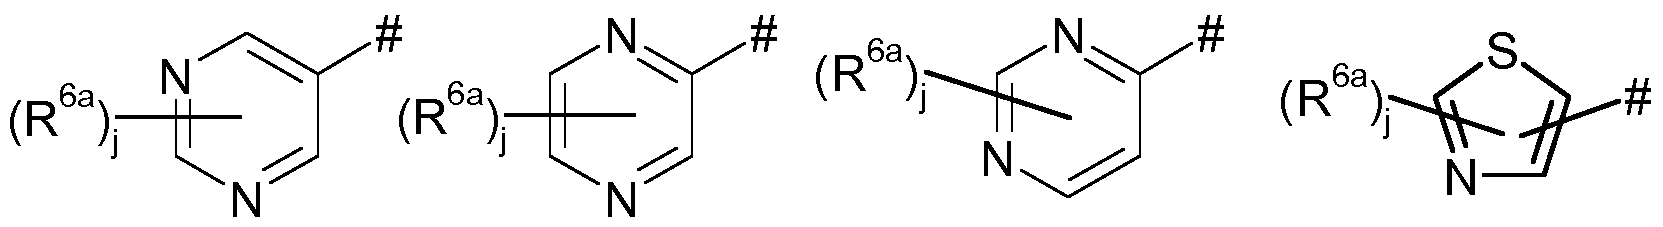 Figure imgf000147_0002